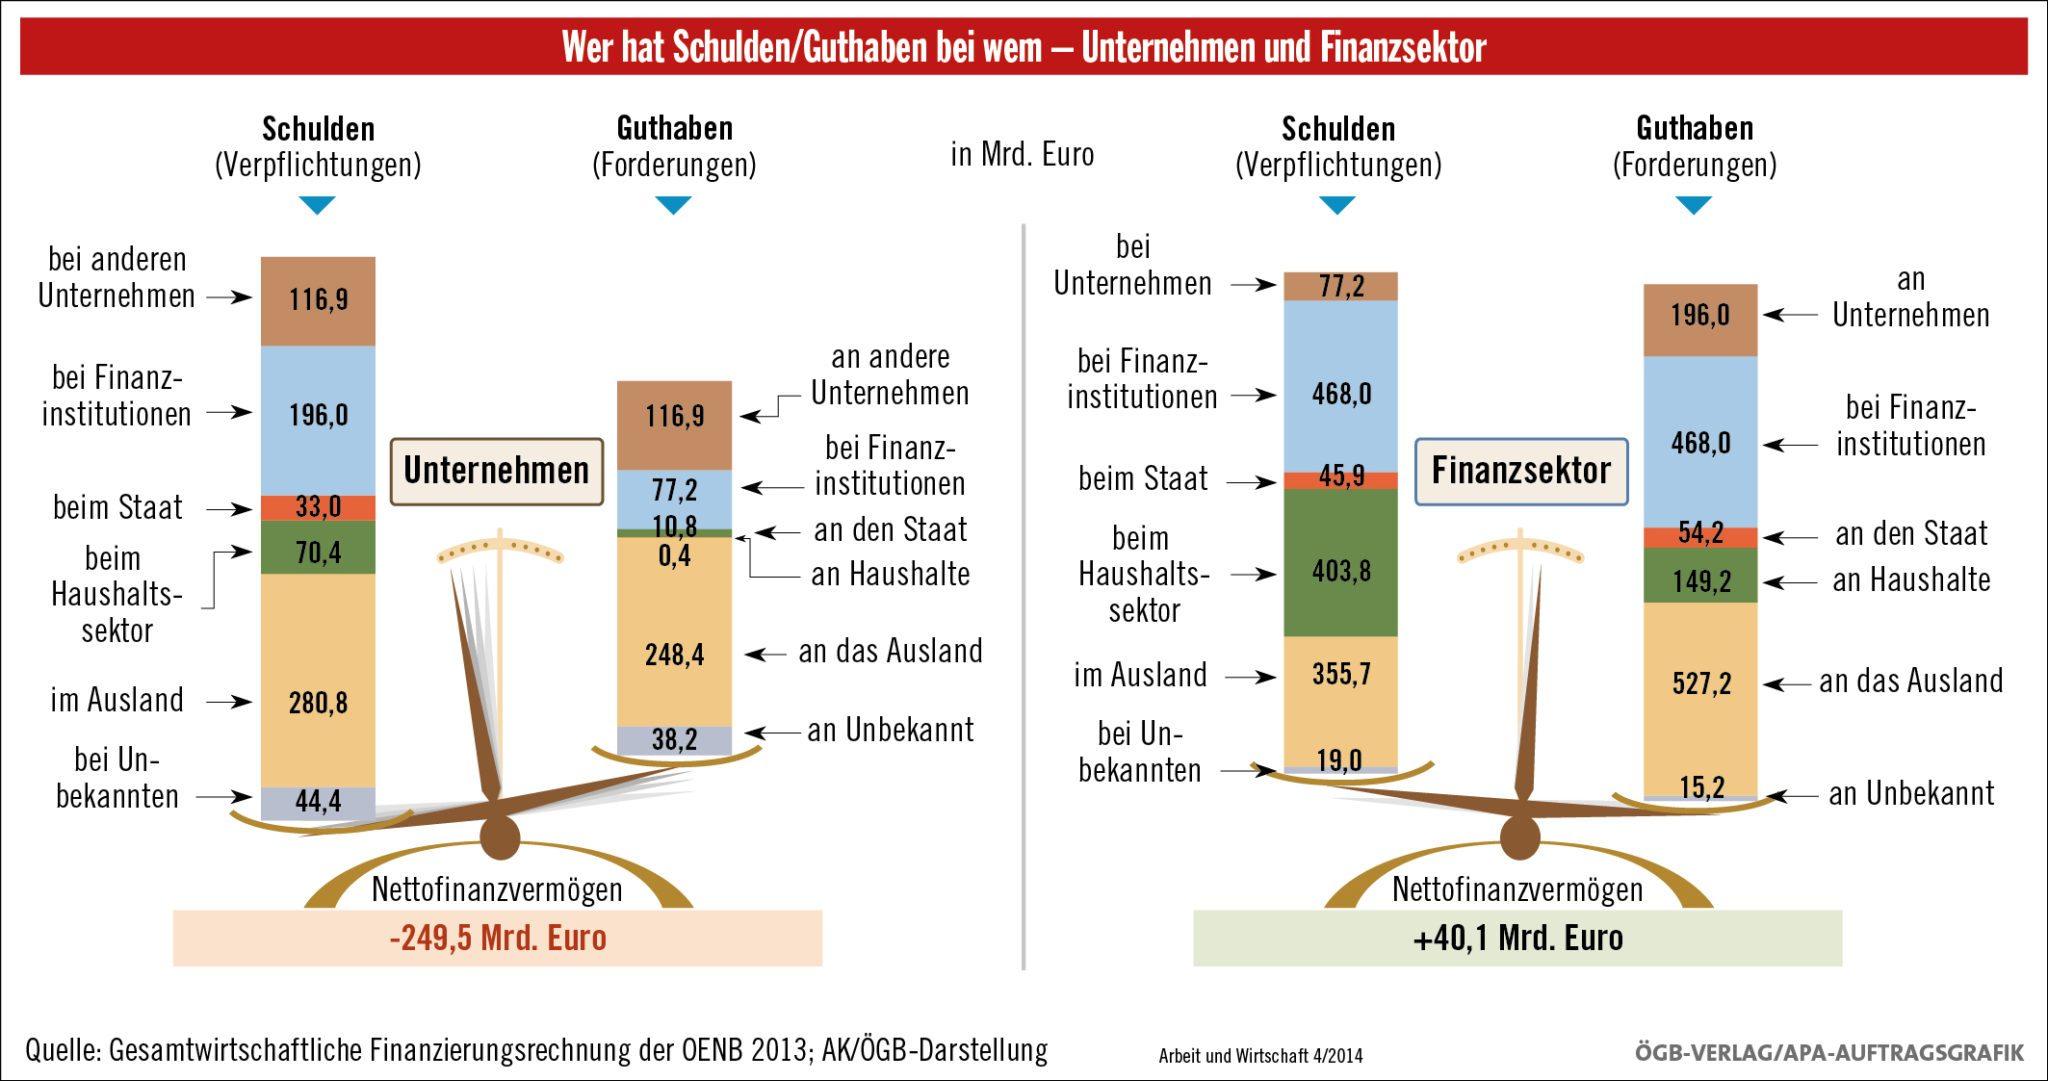 Finanzierungssaldo Unternehmen Finanzsektor in Österreich